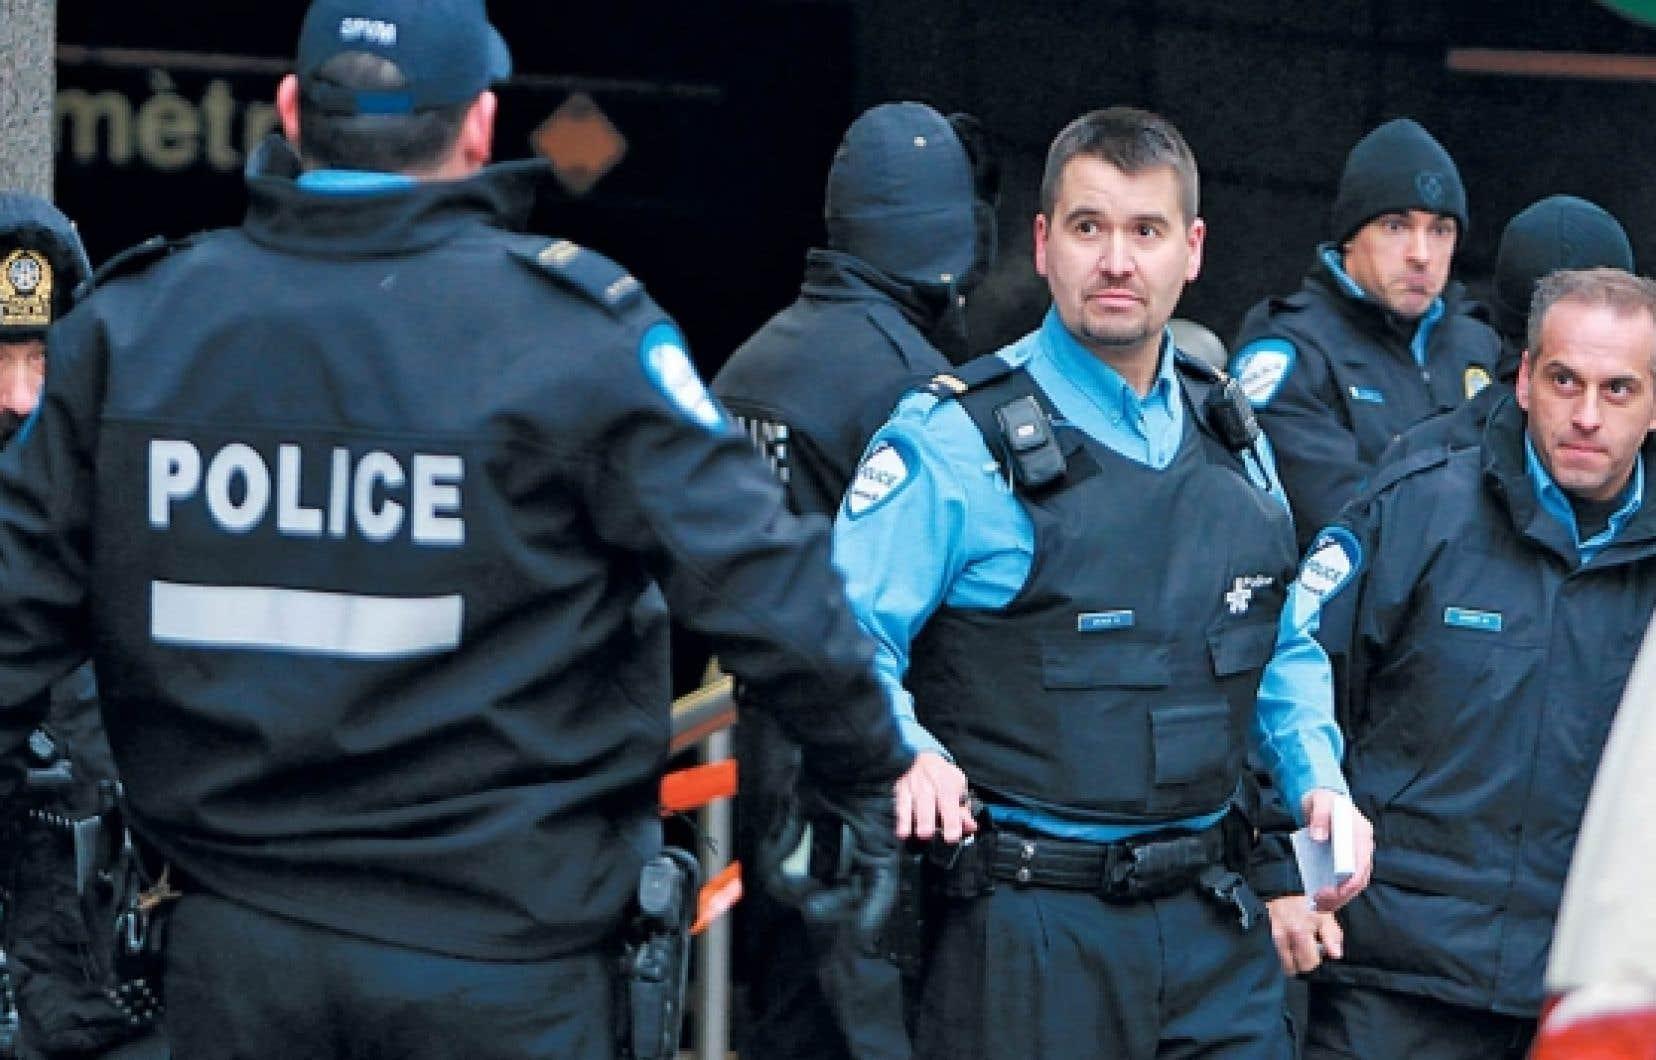 L&rsquo;op&eacute;ration polici&egrave;re de vendredi &agrave; la station de m&eacute;tro Bonaventure, au centre-ville de Montr&eacute;al, a n&eacute;cessit&eacute; l&rsquo;intervention de dizaines d&rsquo;agents.<br />